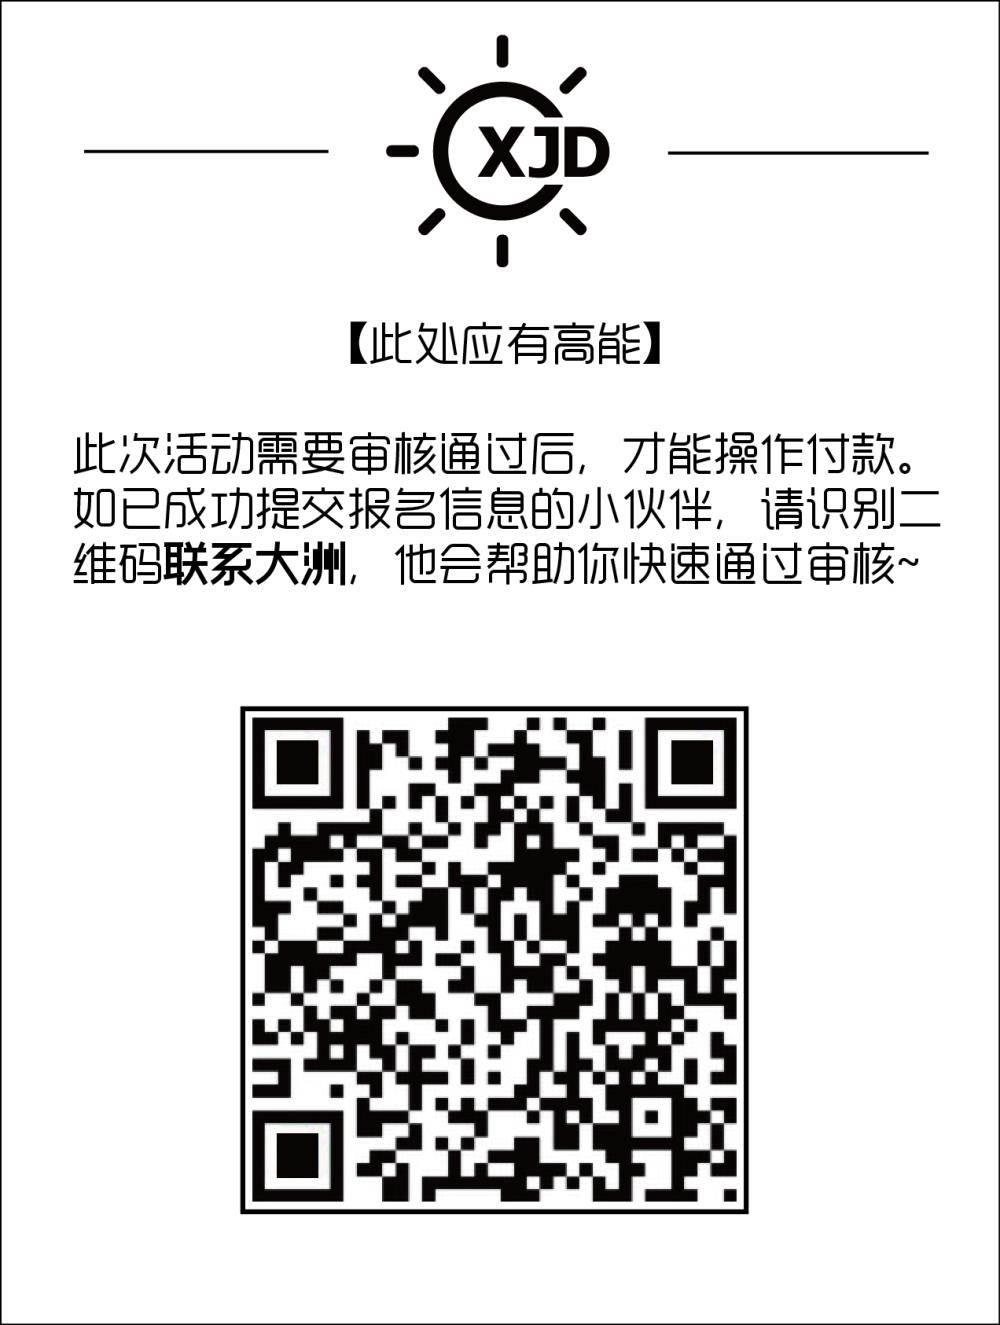 30252090988085569.jpg